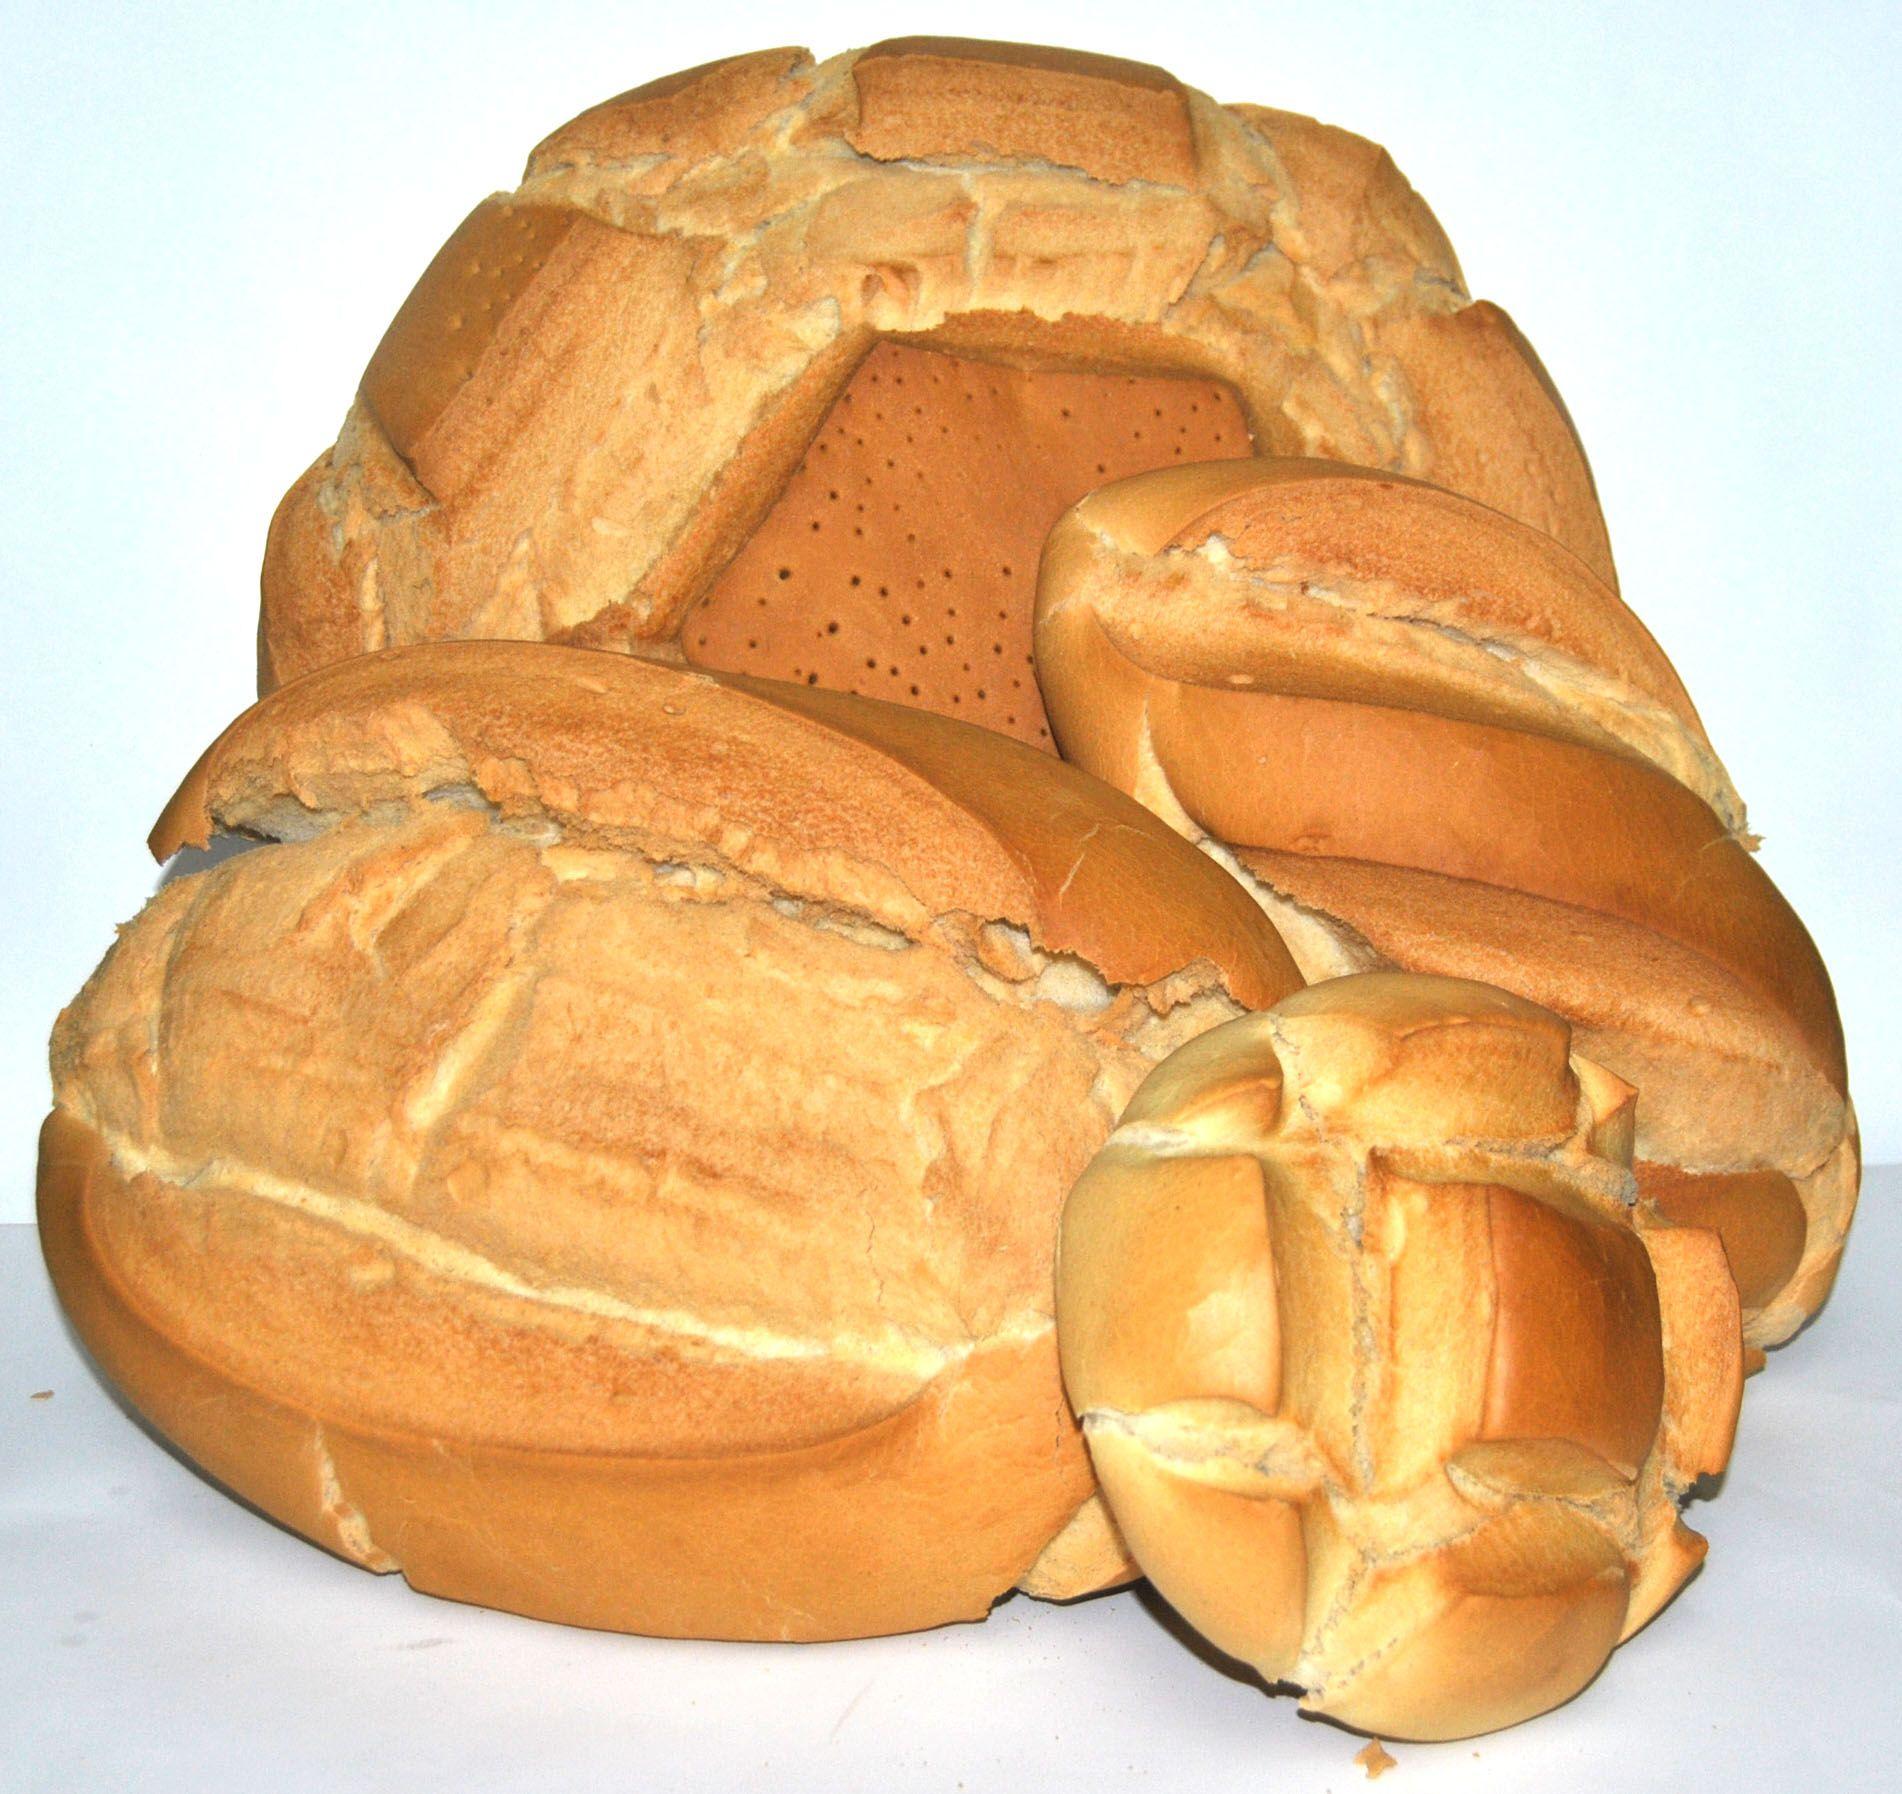 Venta de pan artesanal en Córdoba